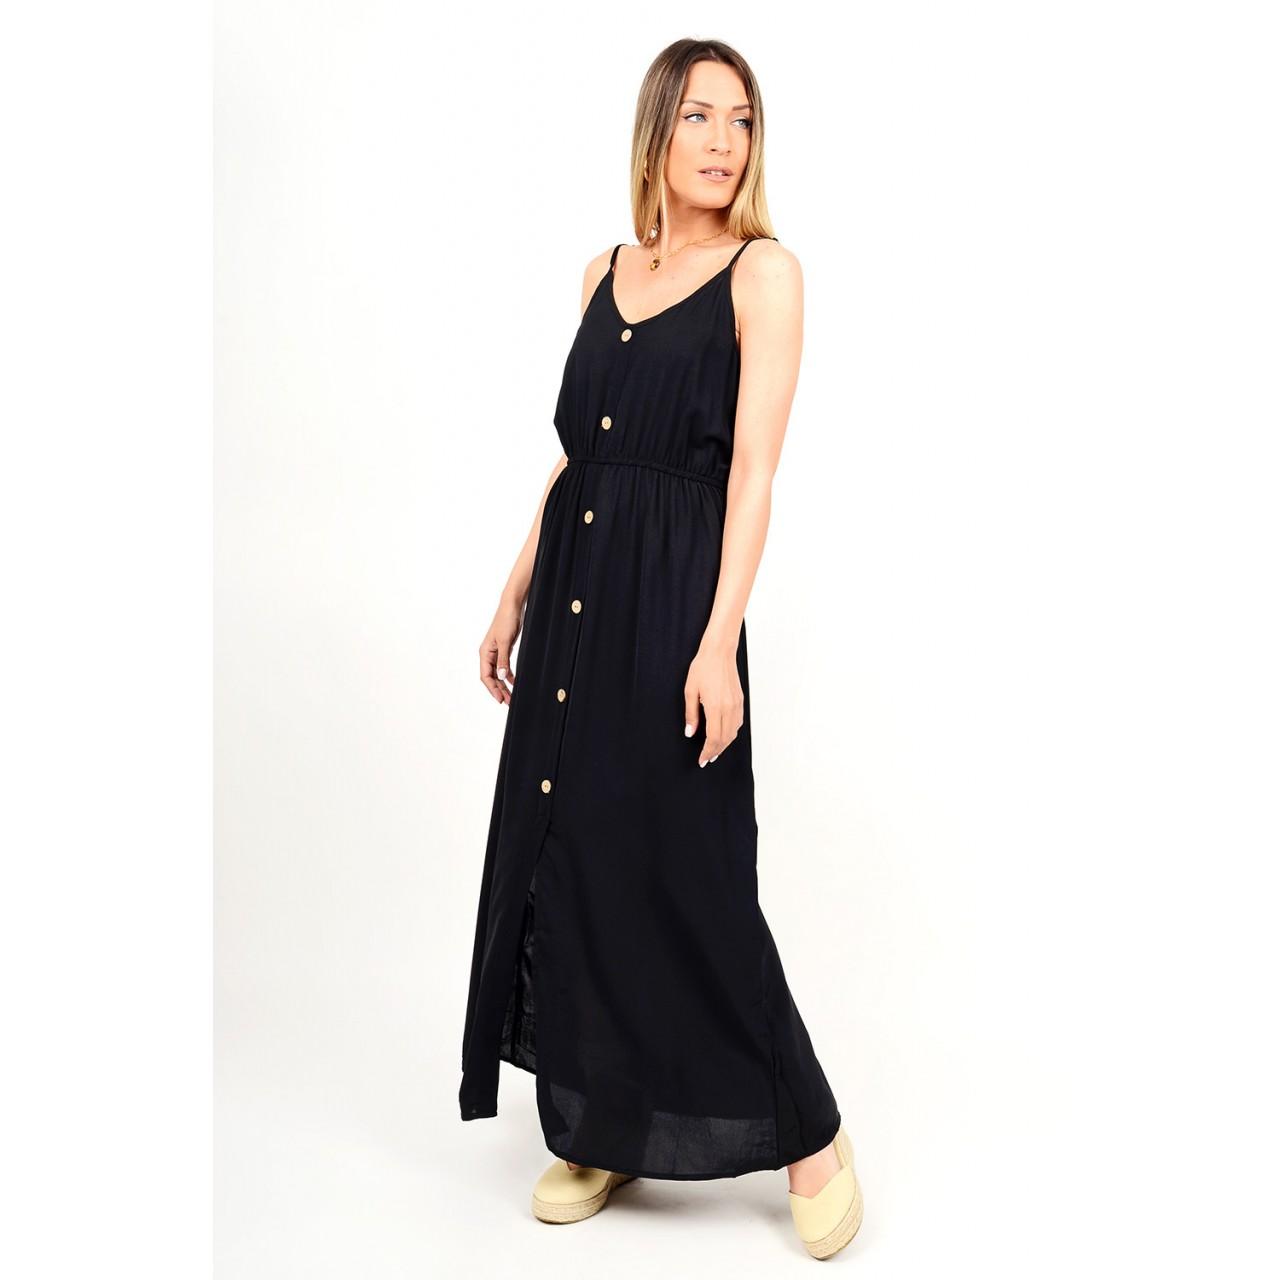 314.Φόρεμα μακρύ με κουμπιά